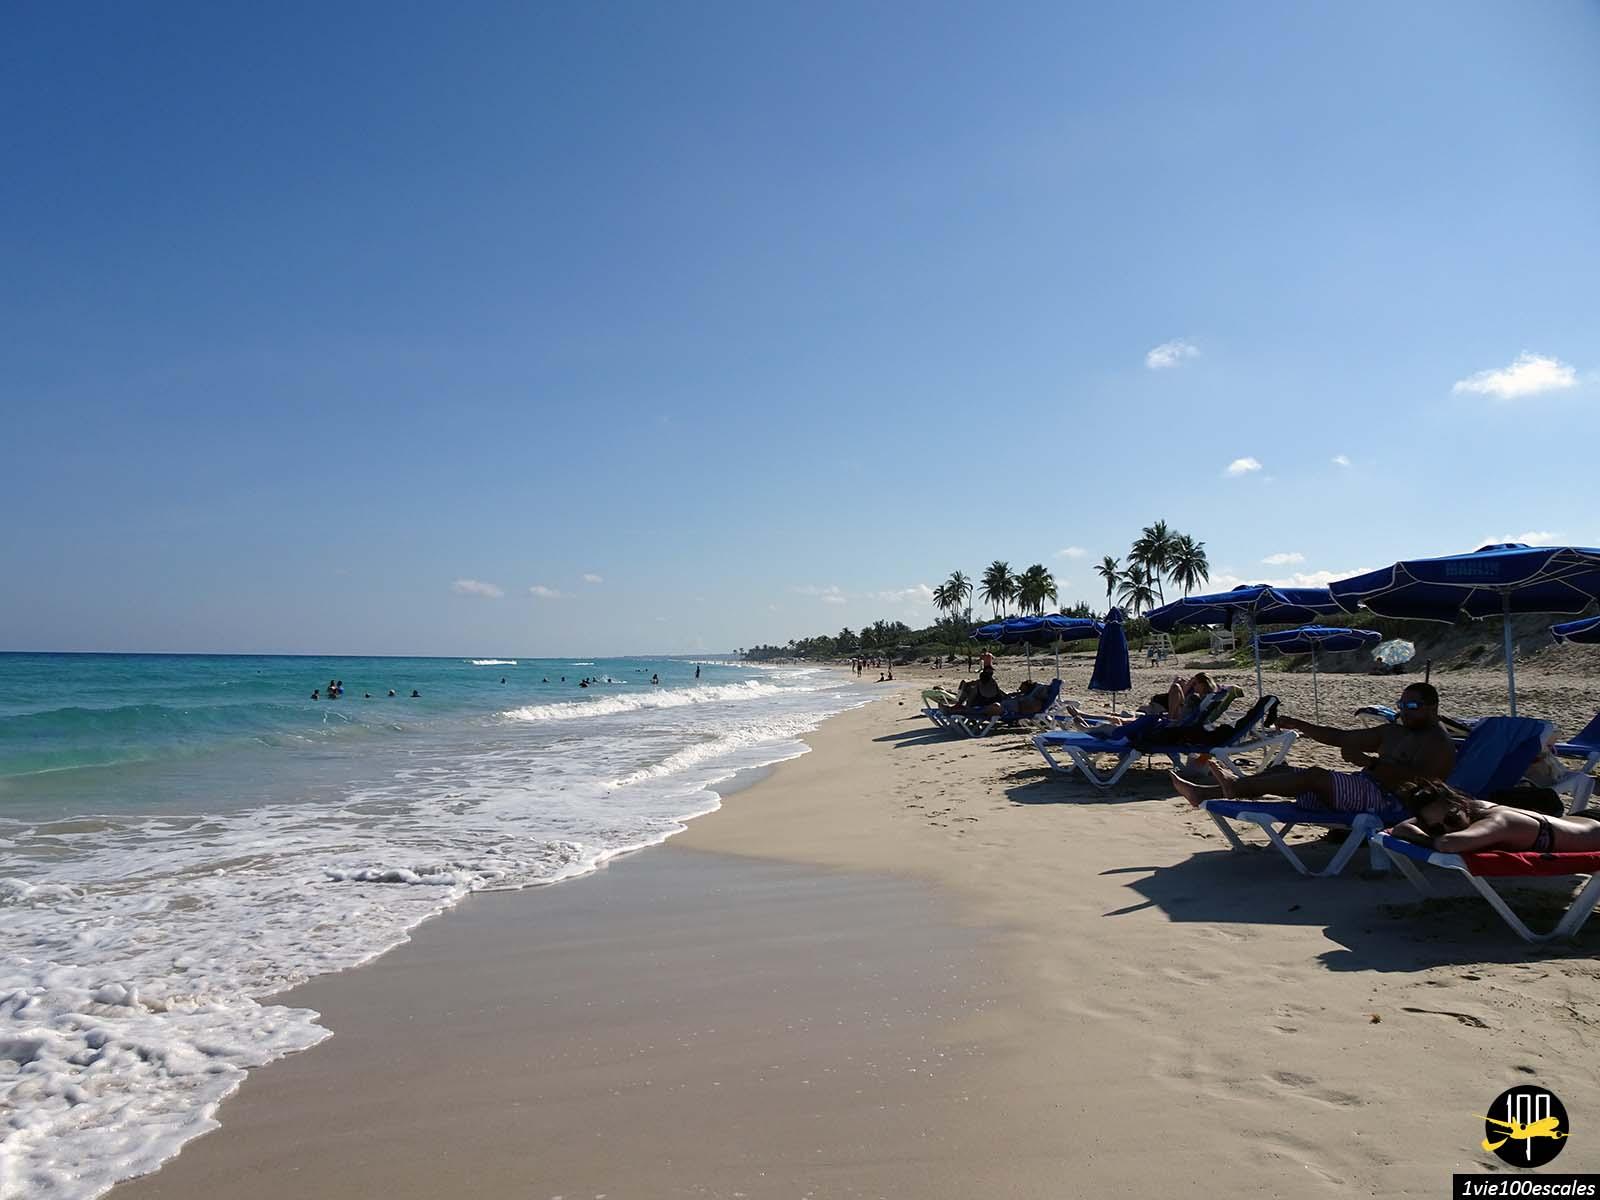 Plonger dans la mer à 30 minutes de La Havane